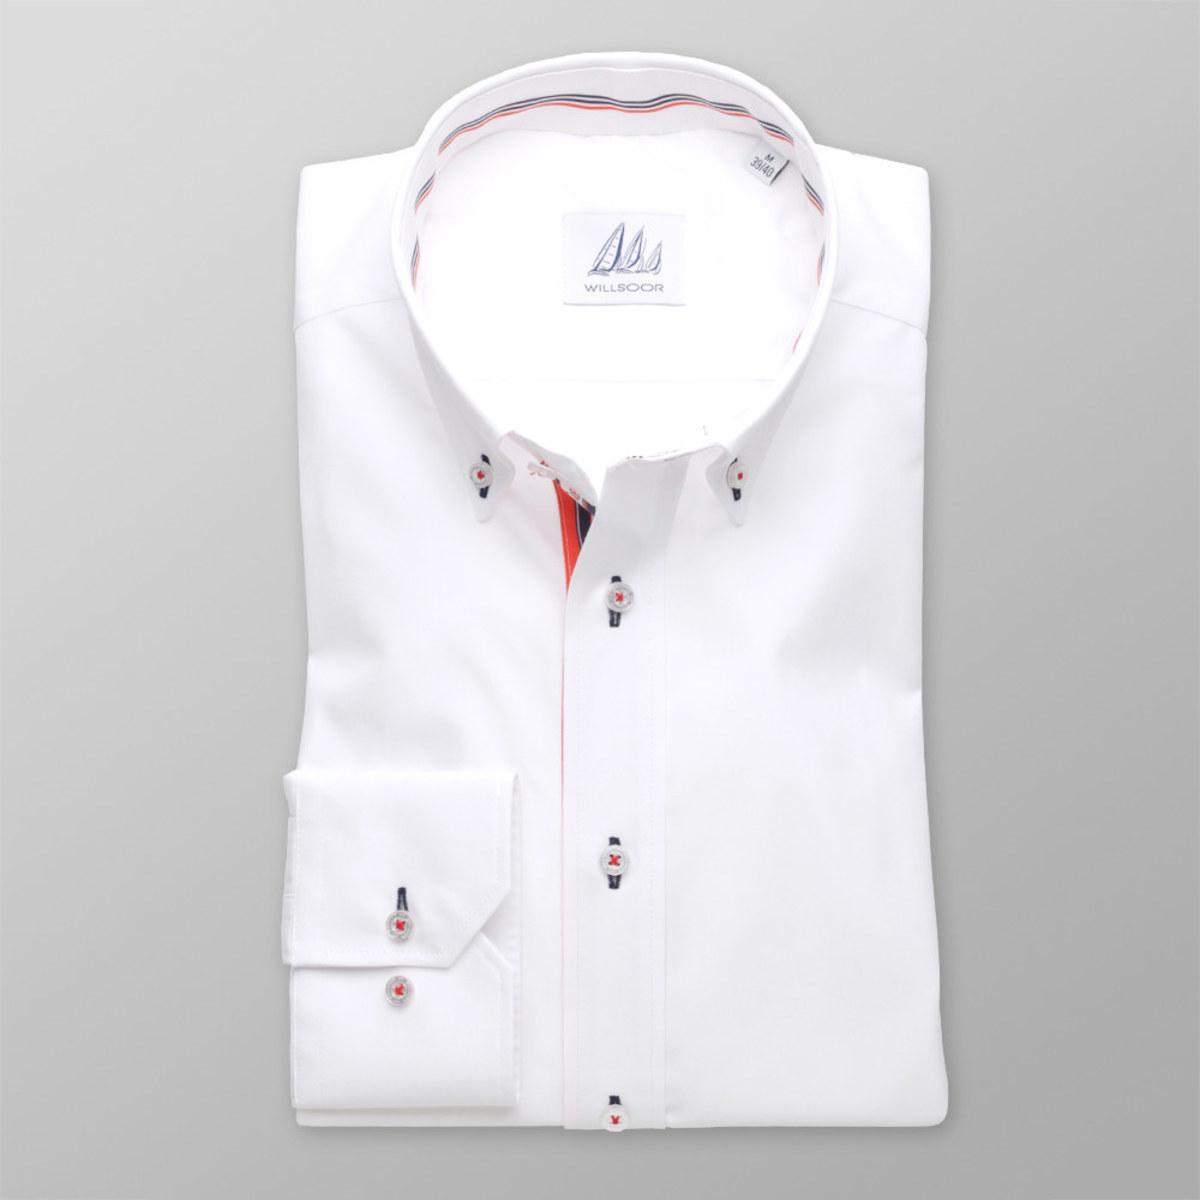 Pánská slim fit košile (výška 176-182 i 188-194) 8300 v bílé barvě 188-194 / XL (43/44)